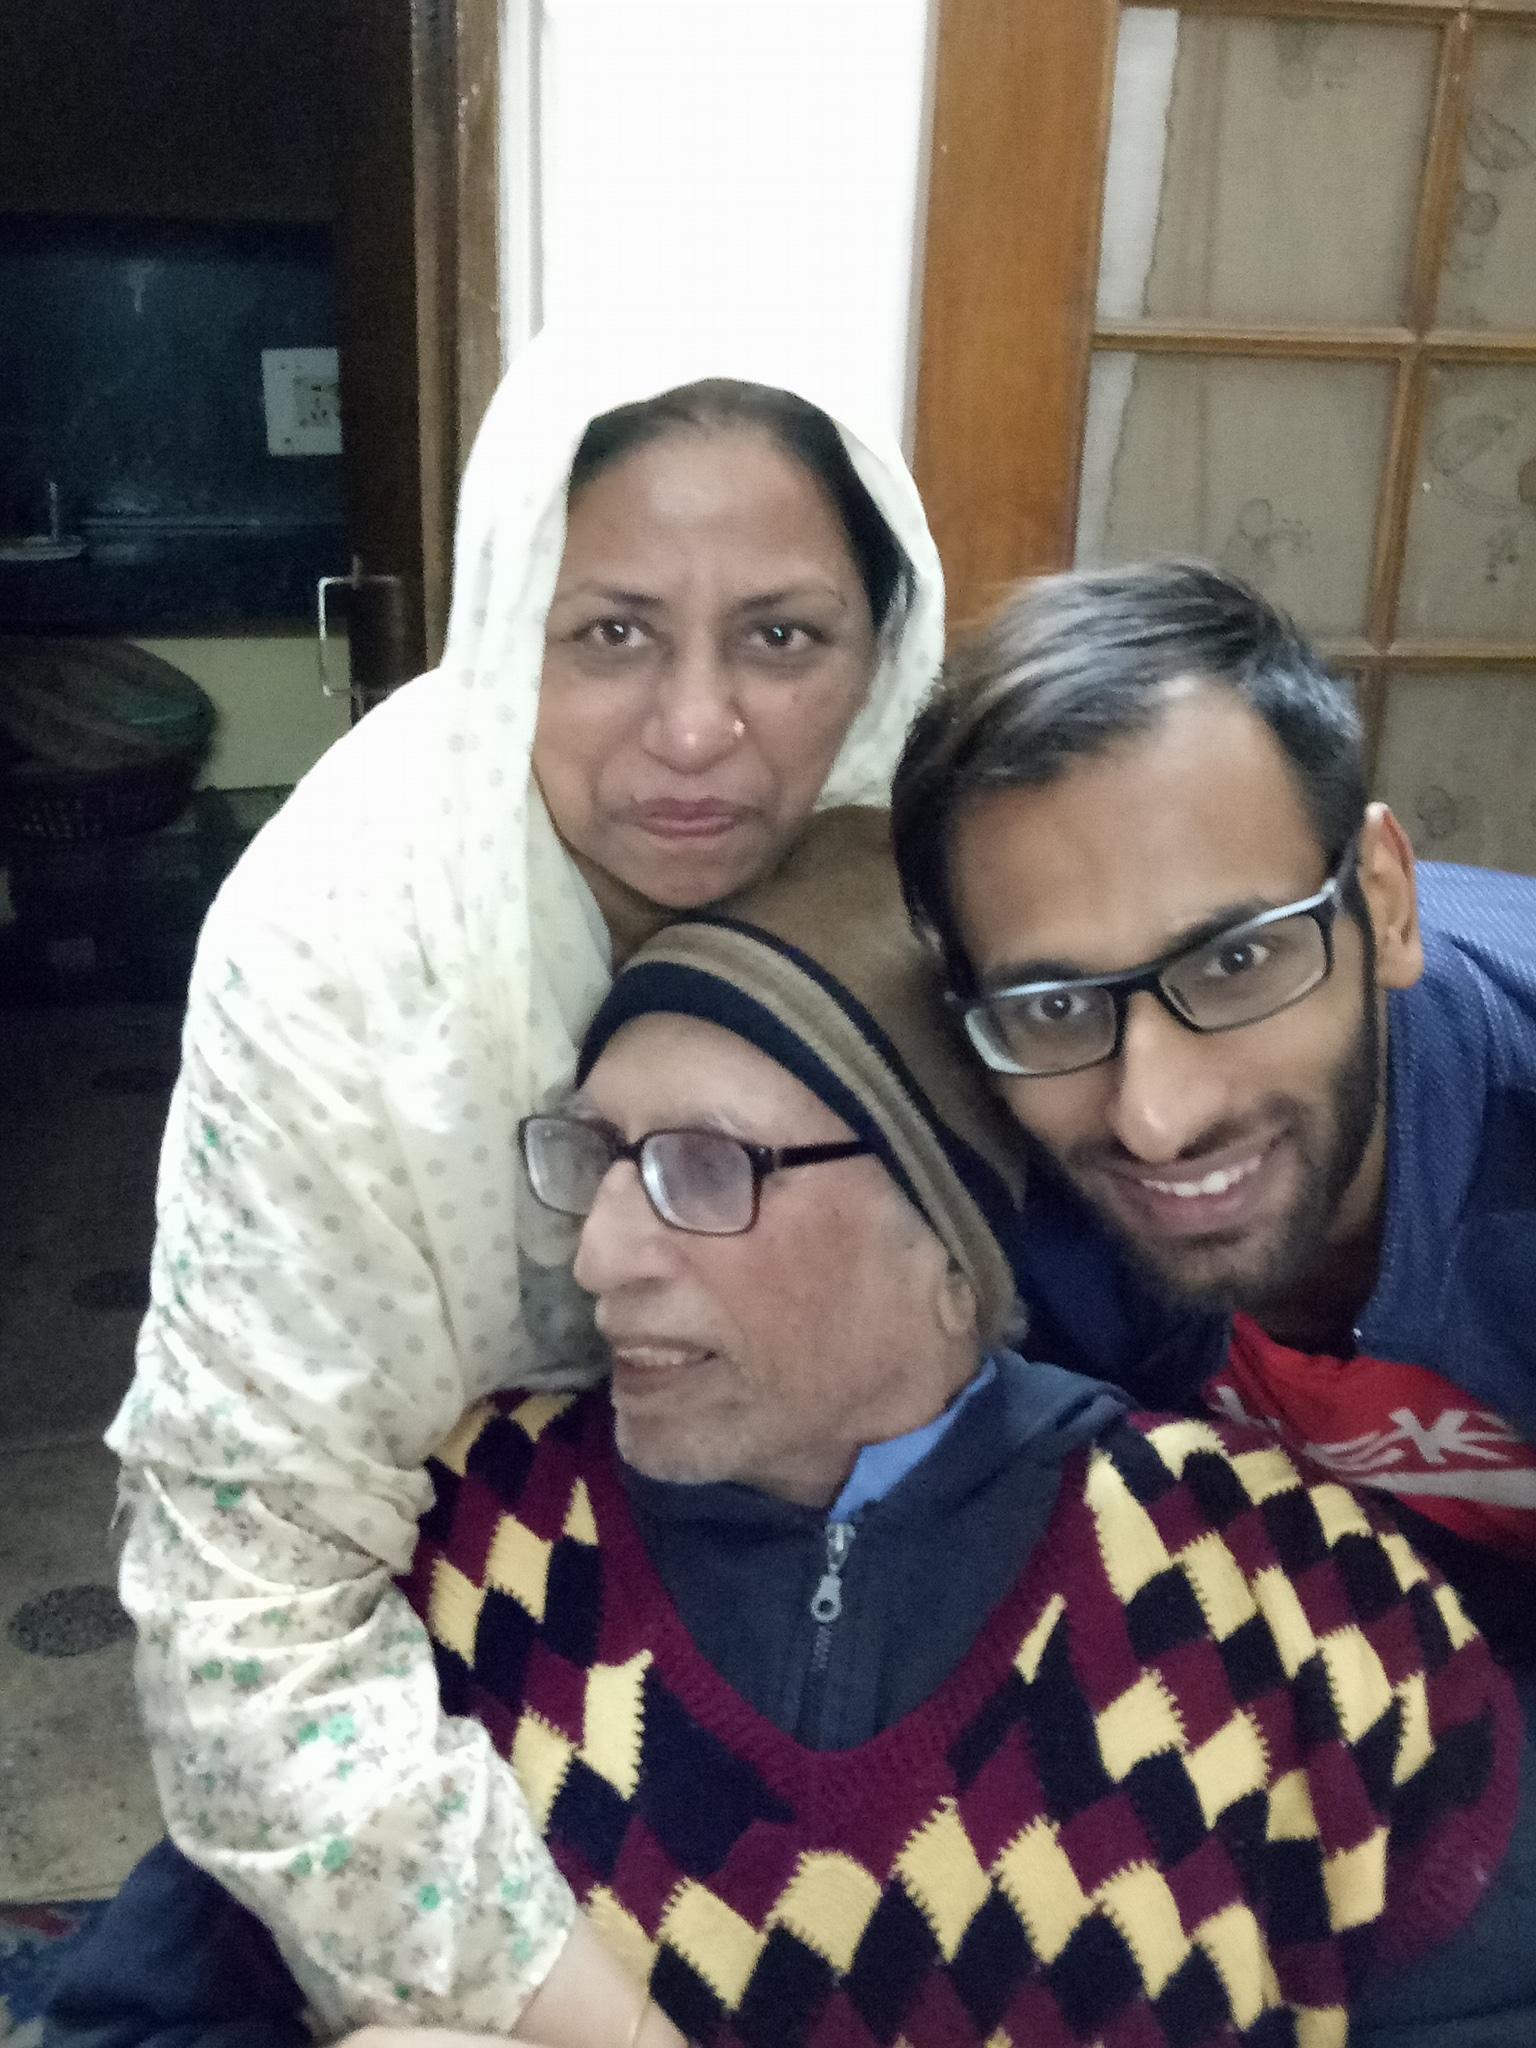 बेटे तैयब और पत्नी डॉ. राहत बद्र के साथ डॉ. बशीर बद्र।